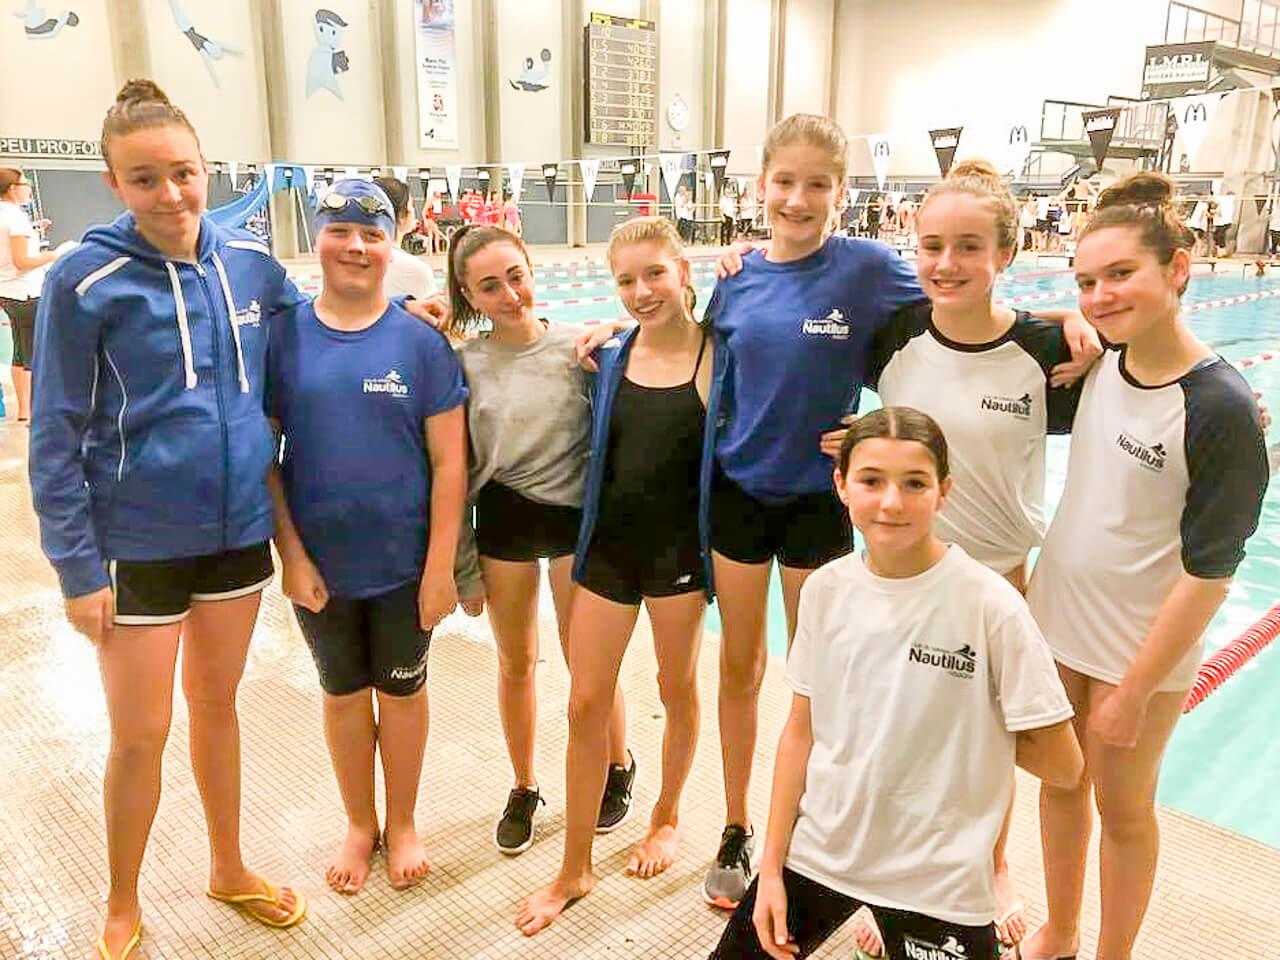 Nautilus de Matane club de natation Sandy Tremblay